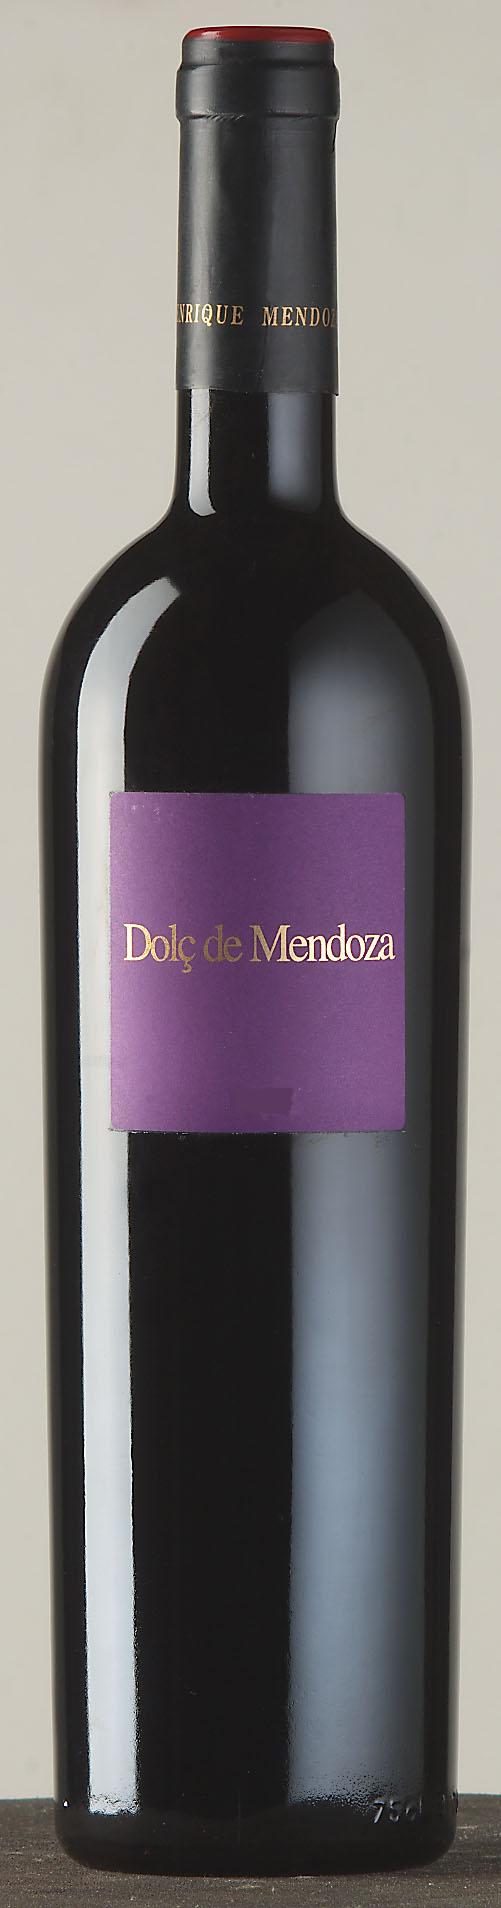 Enrique Mendoza Dolç de Mendoza 2012